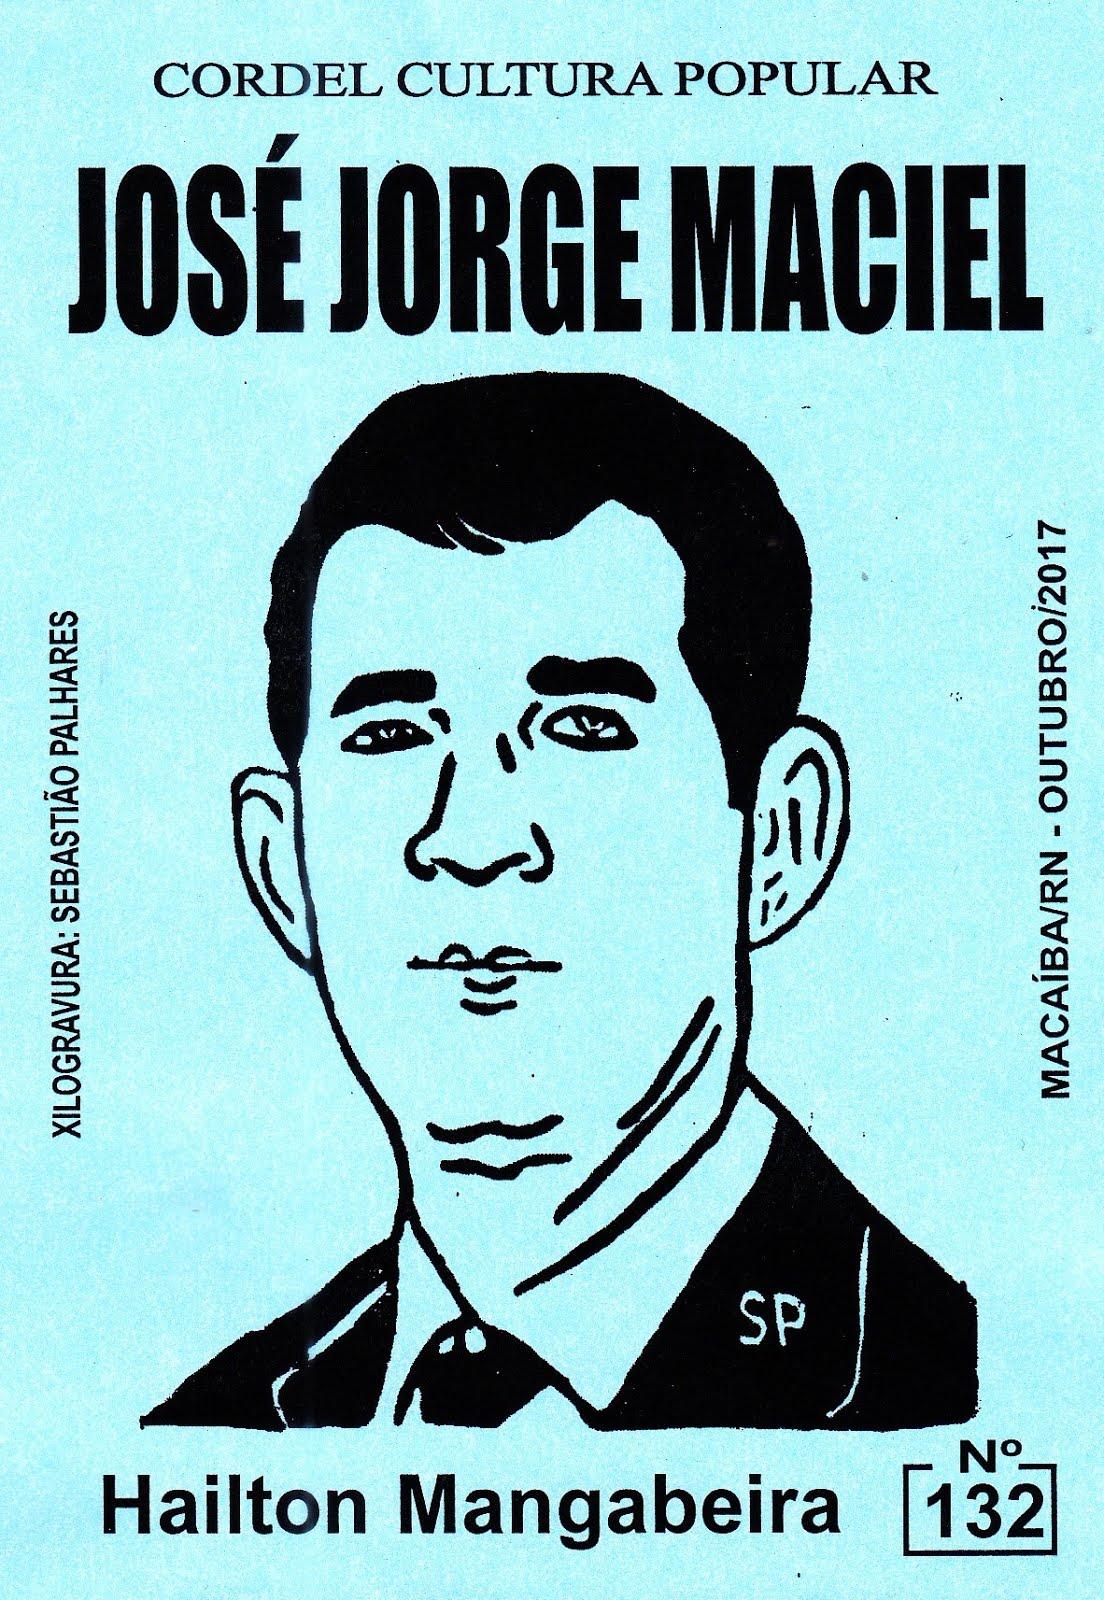 Cordel: José Jorge Maciel, nº 132. Outubro/2017